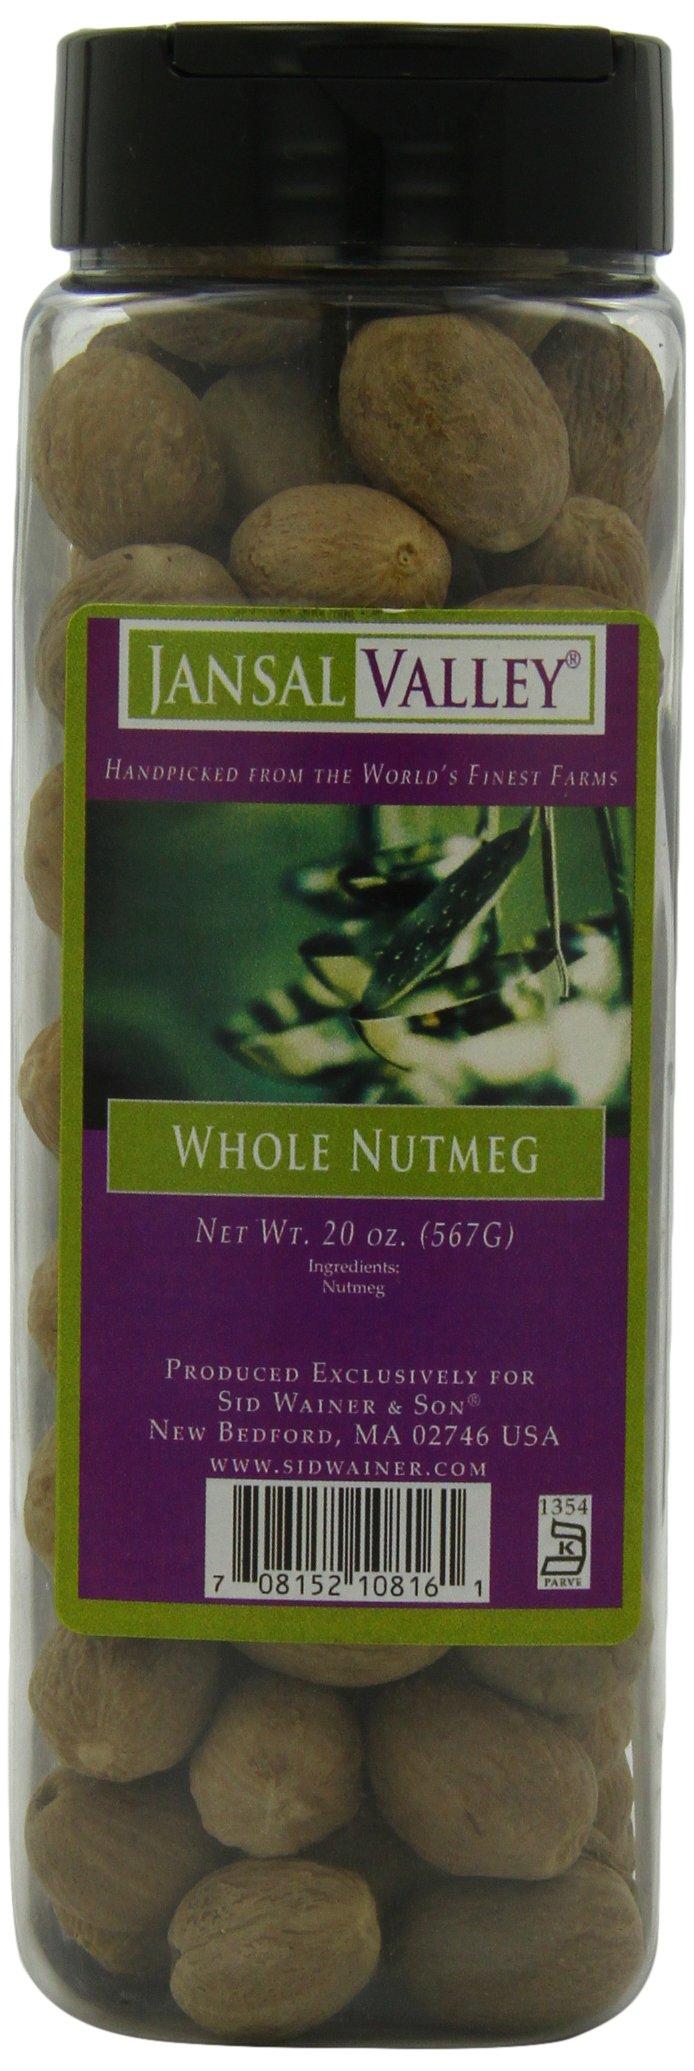 Jansal Valley Whole Nutmeg, 20 Ounce